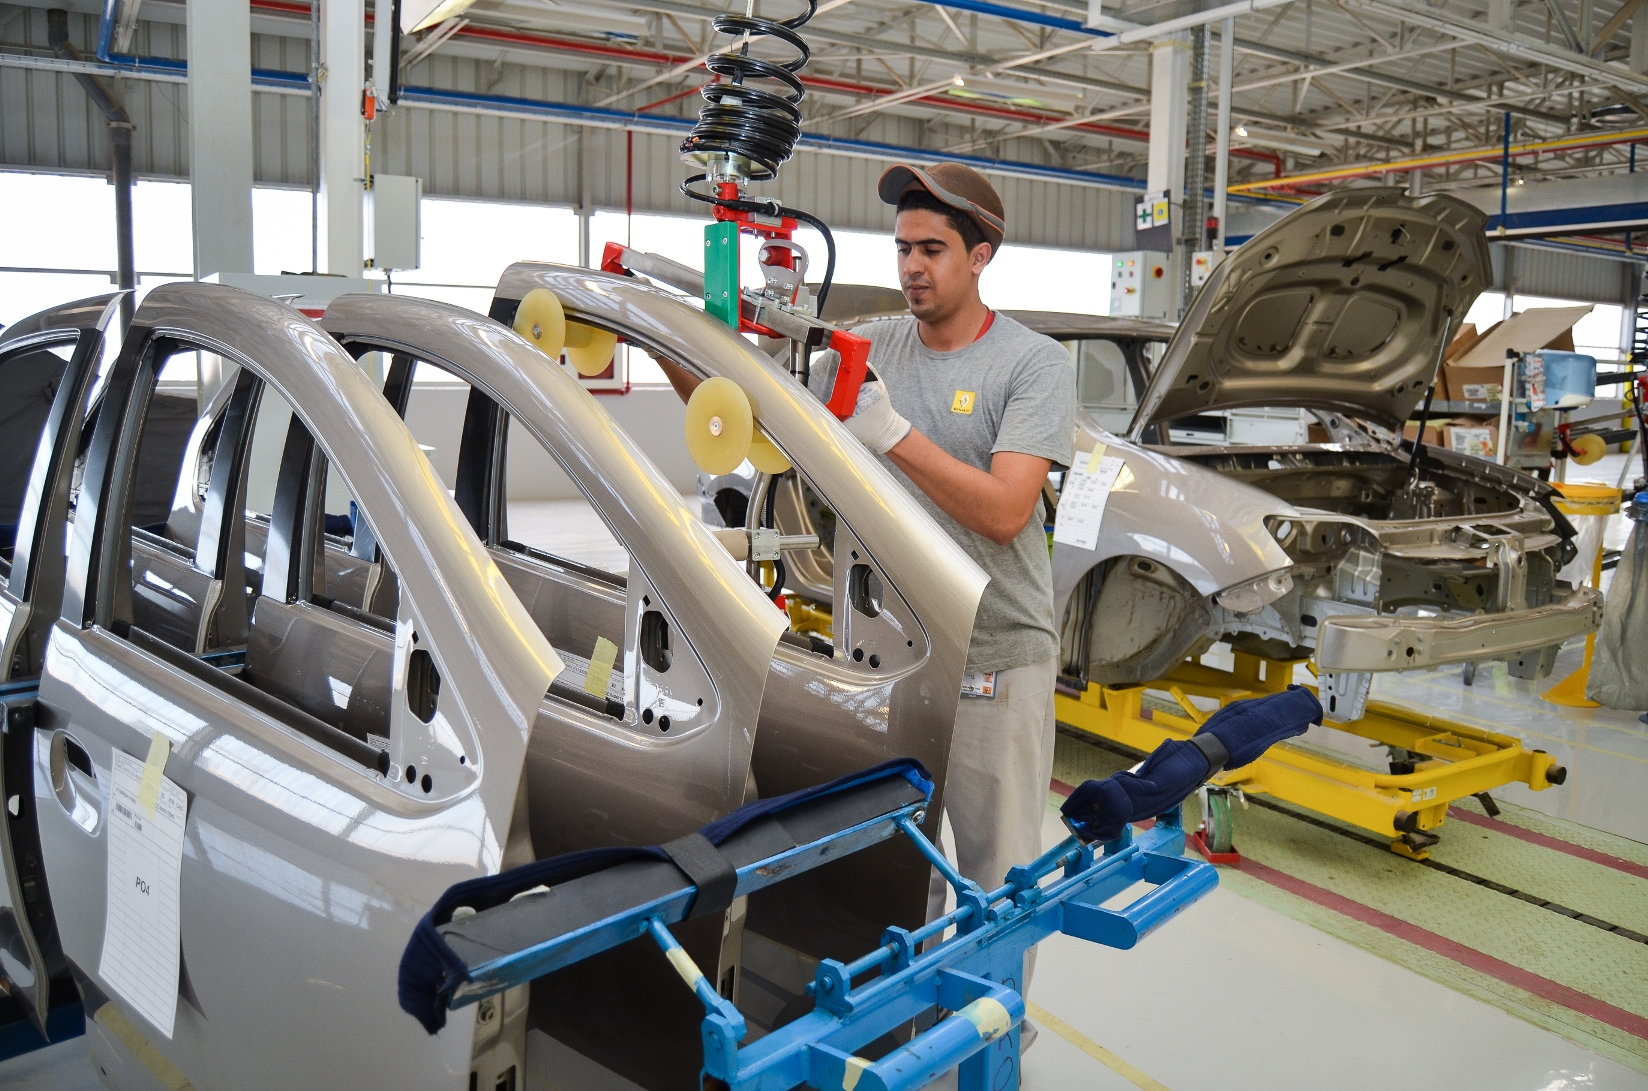 Рэно Российская Федерация планирует поставить вАлжир 18 тыс. кузовов